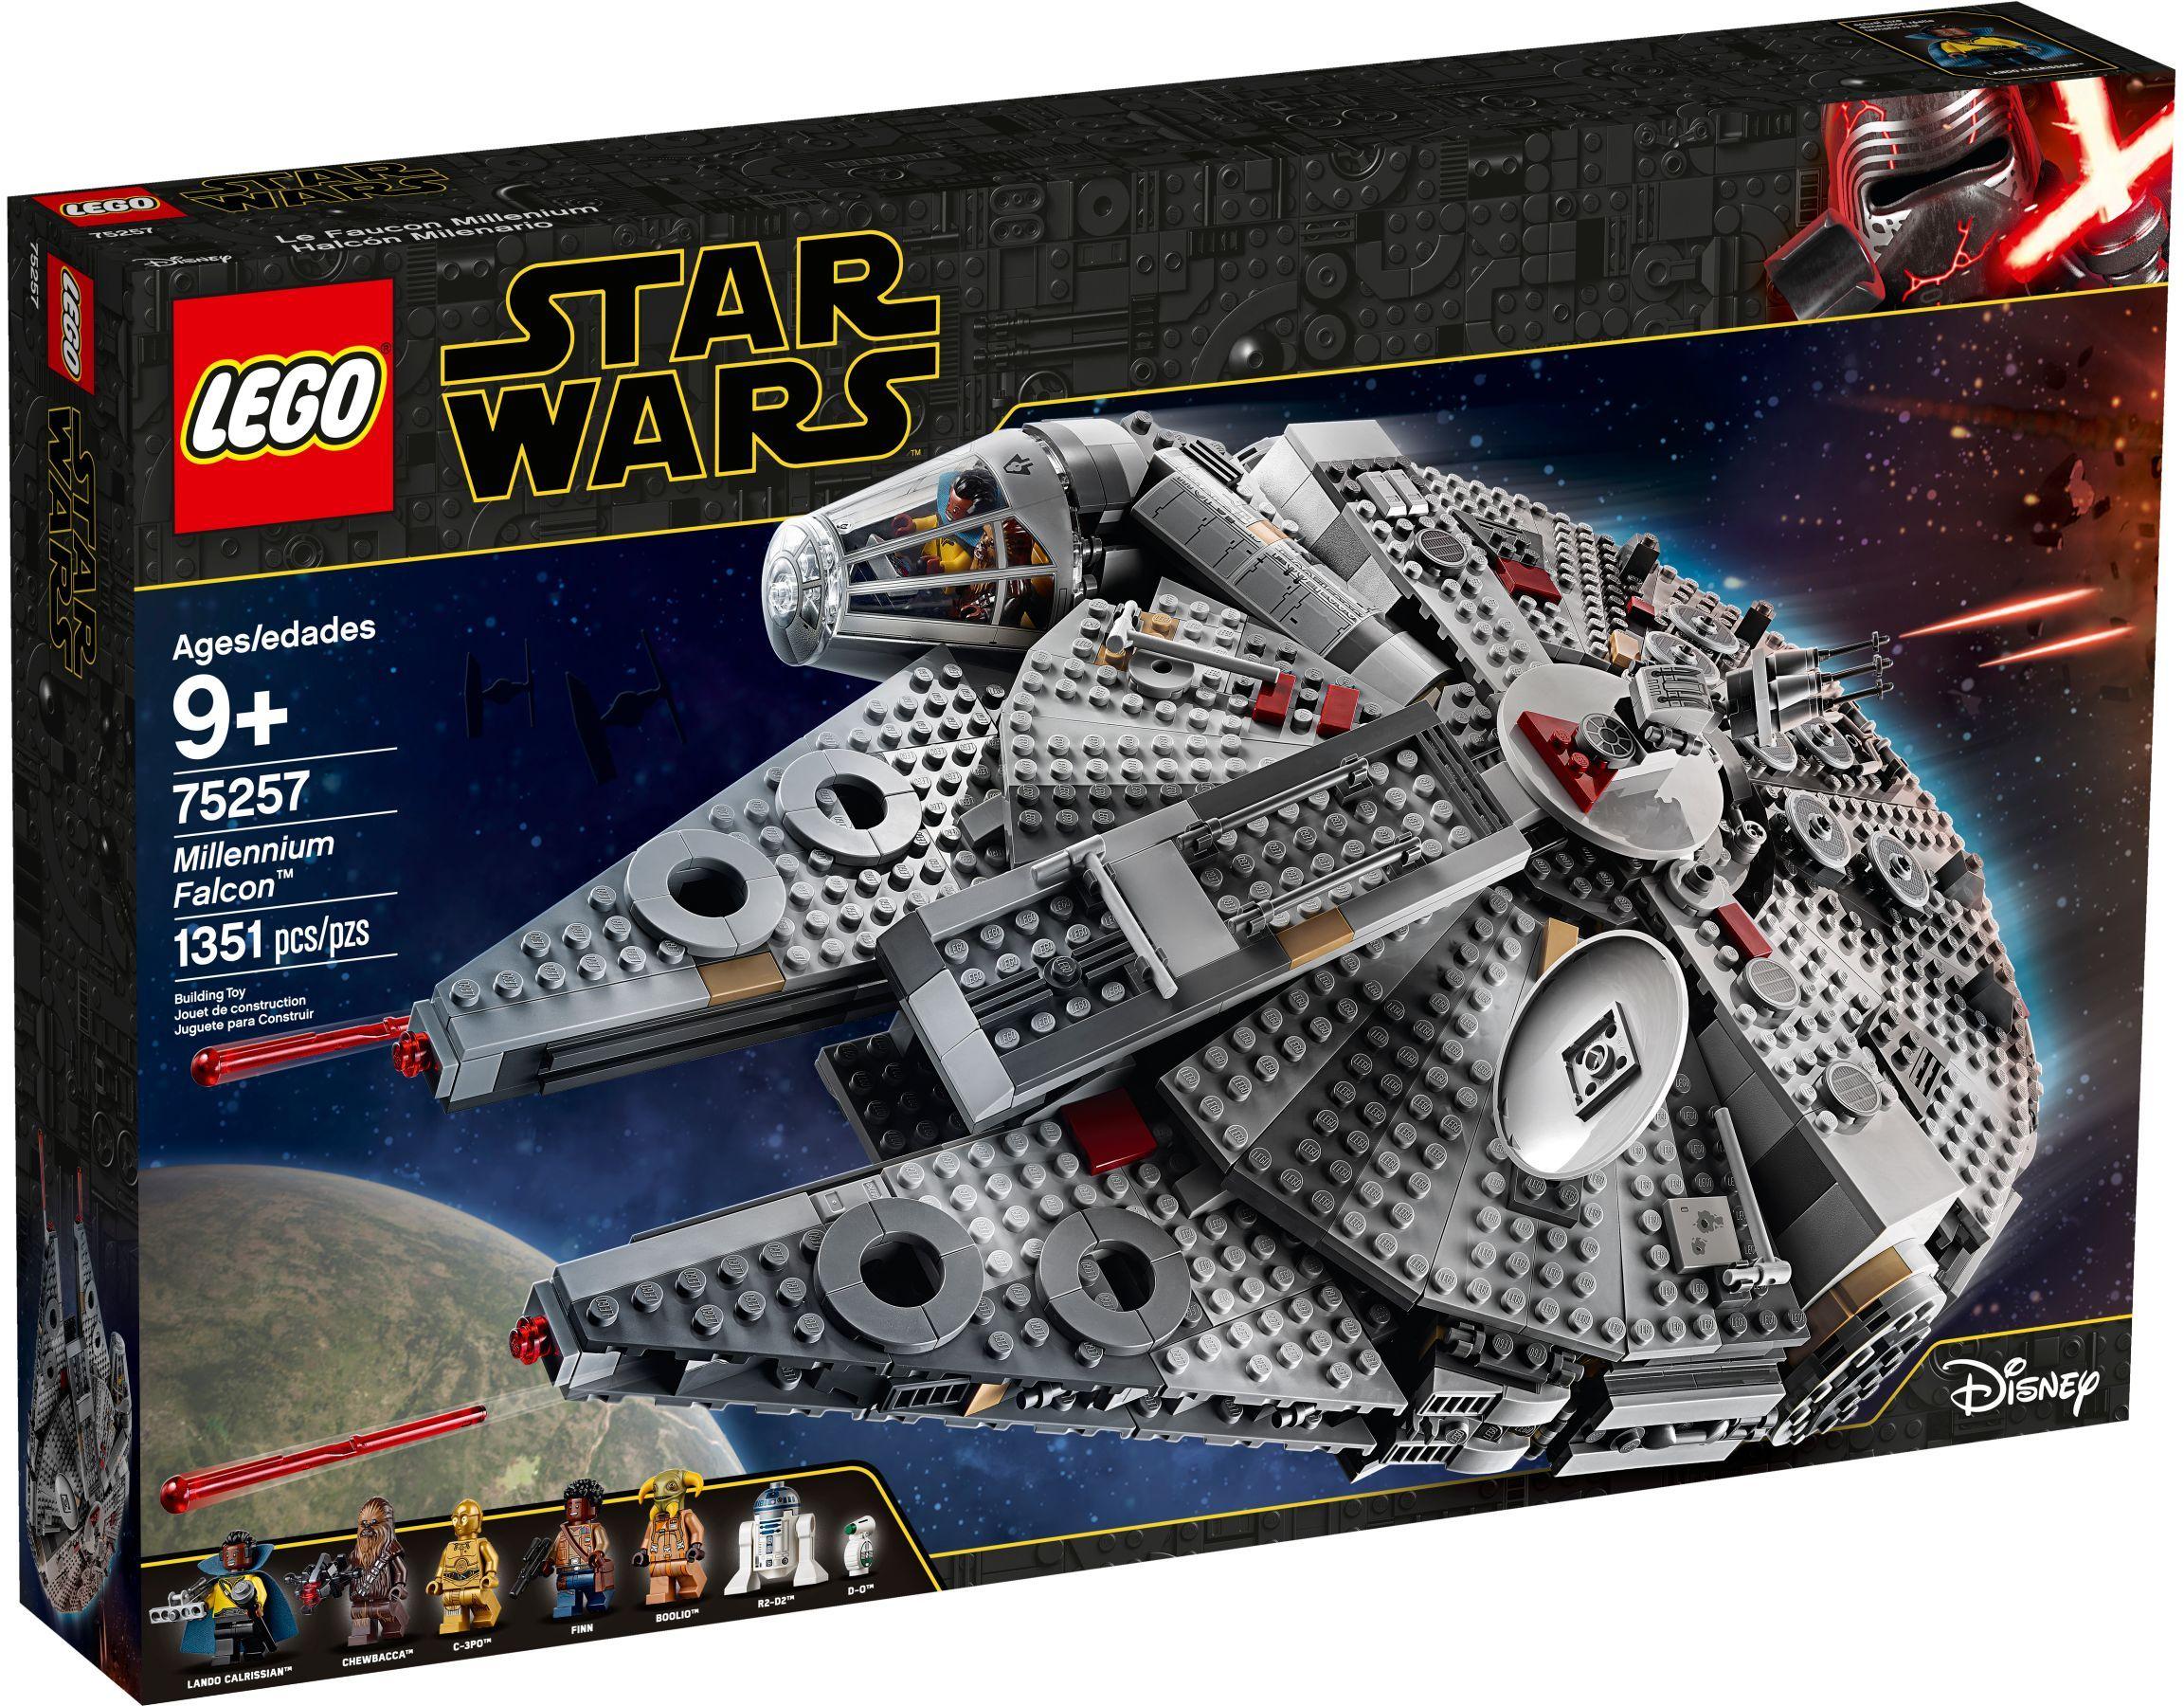 lego-star-wars-75257-millennium-falcon-box-2019 zusammengebaut.com